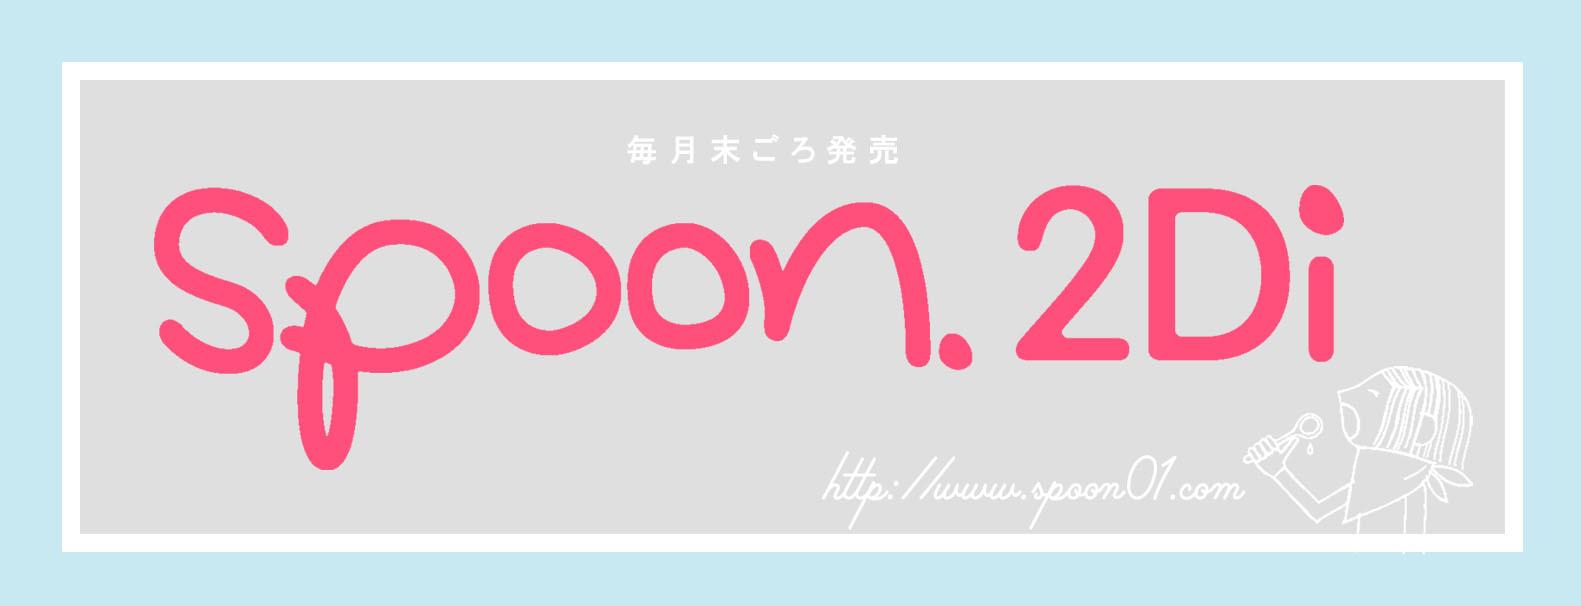 spoon.2Di 編集部